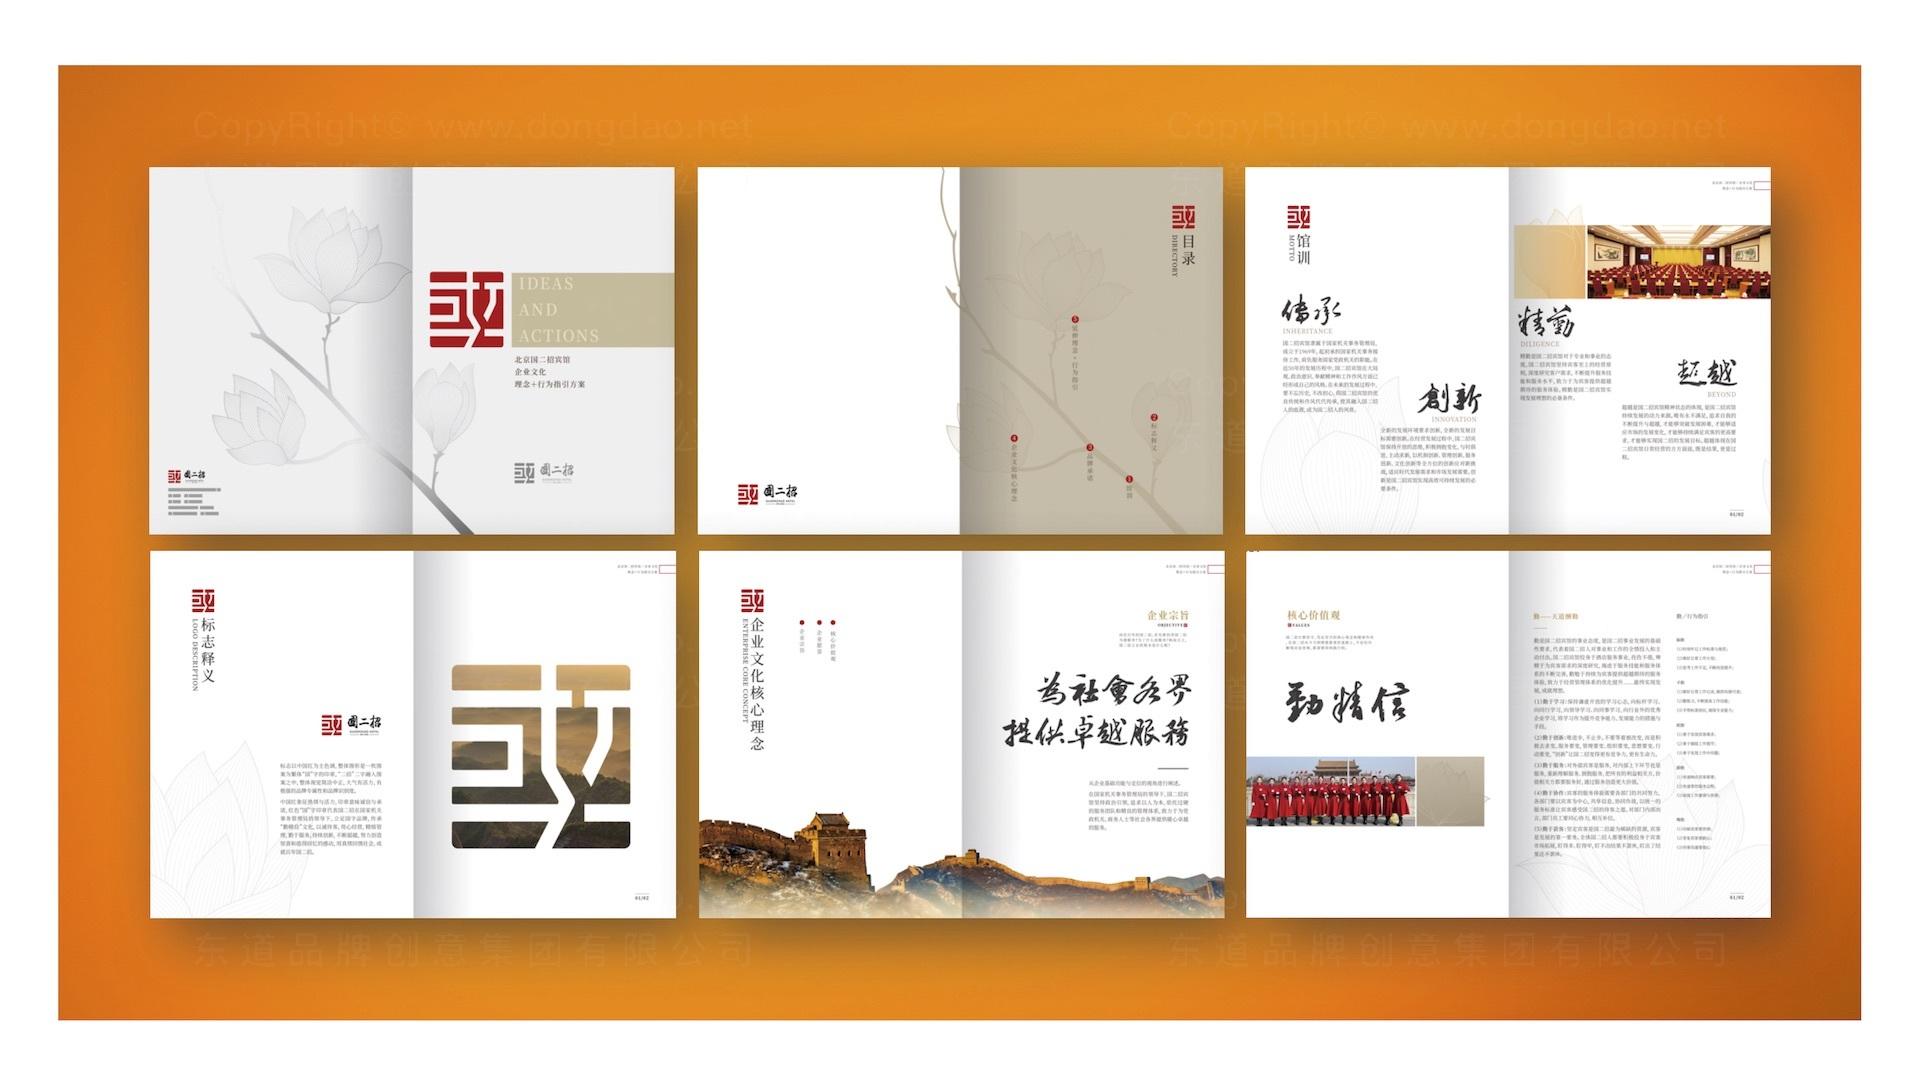 品牌战略&企业文化国二招企业文化体系方案应用场景_18